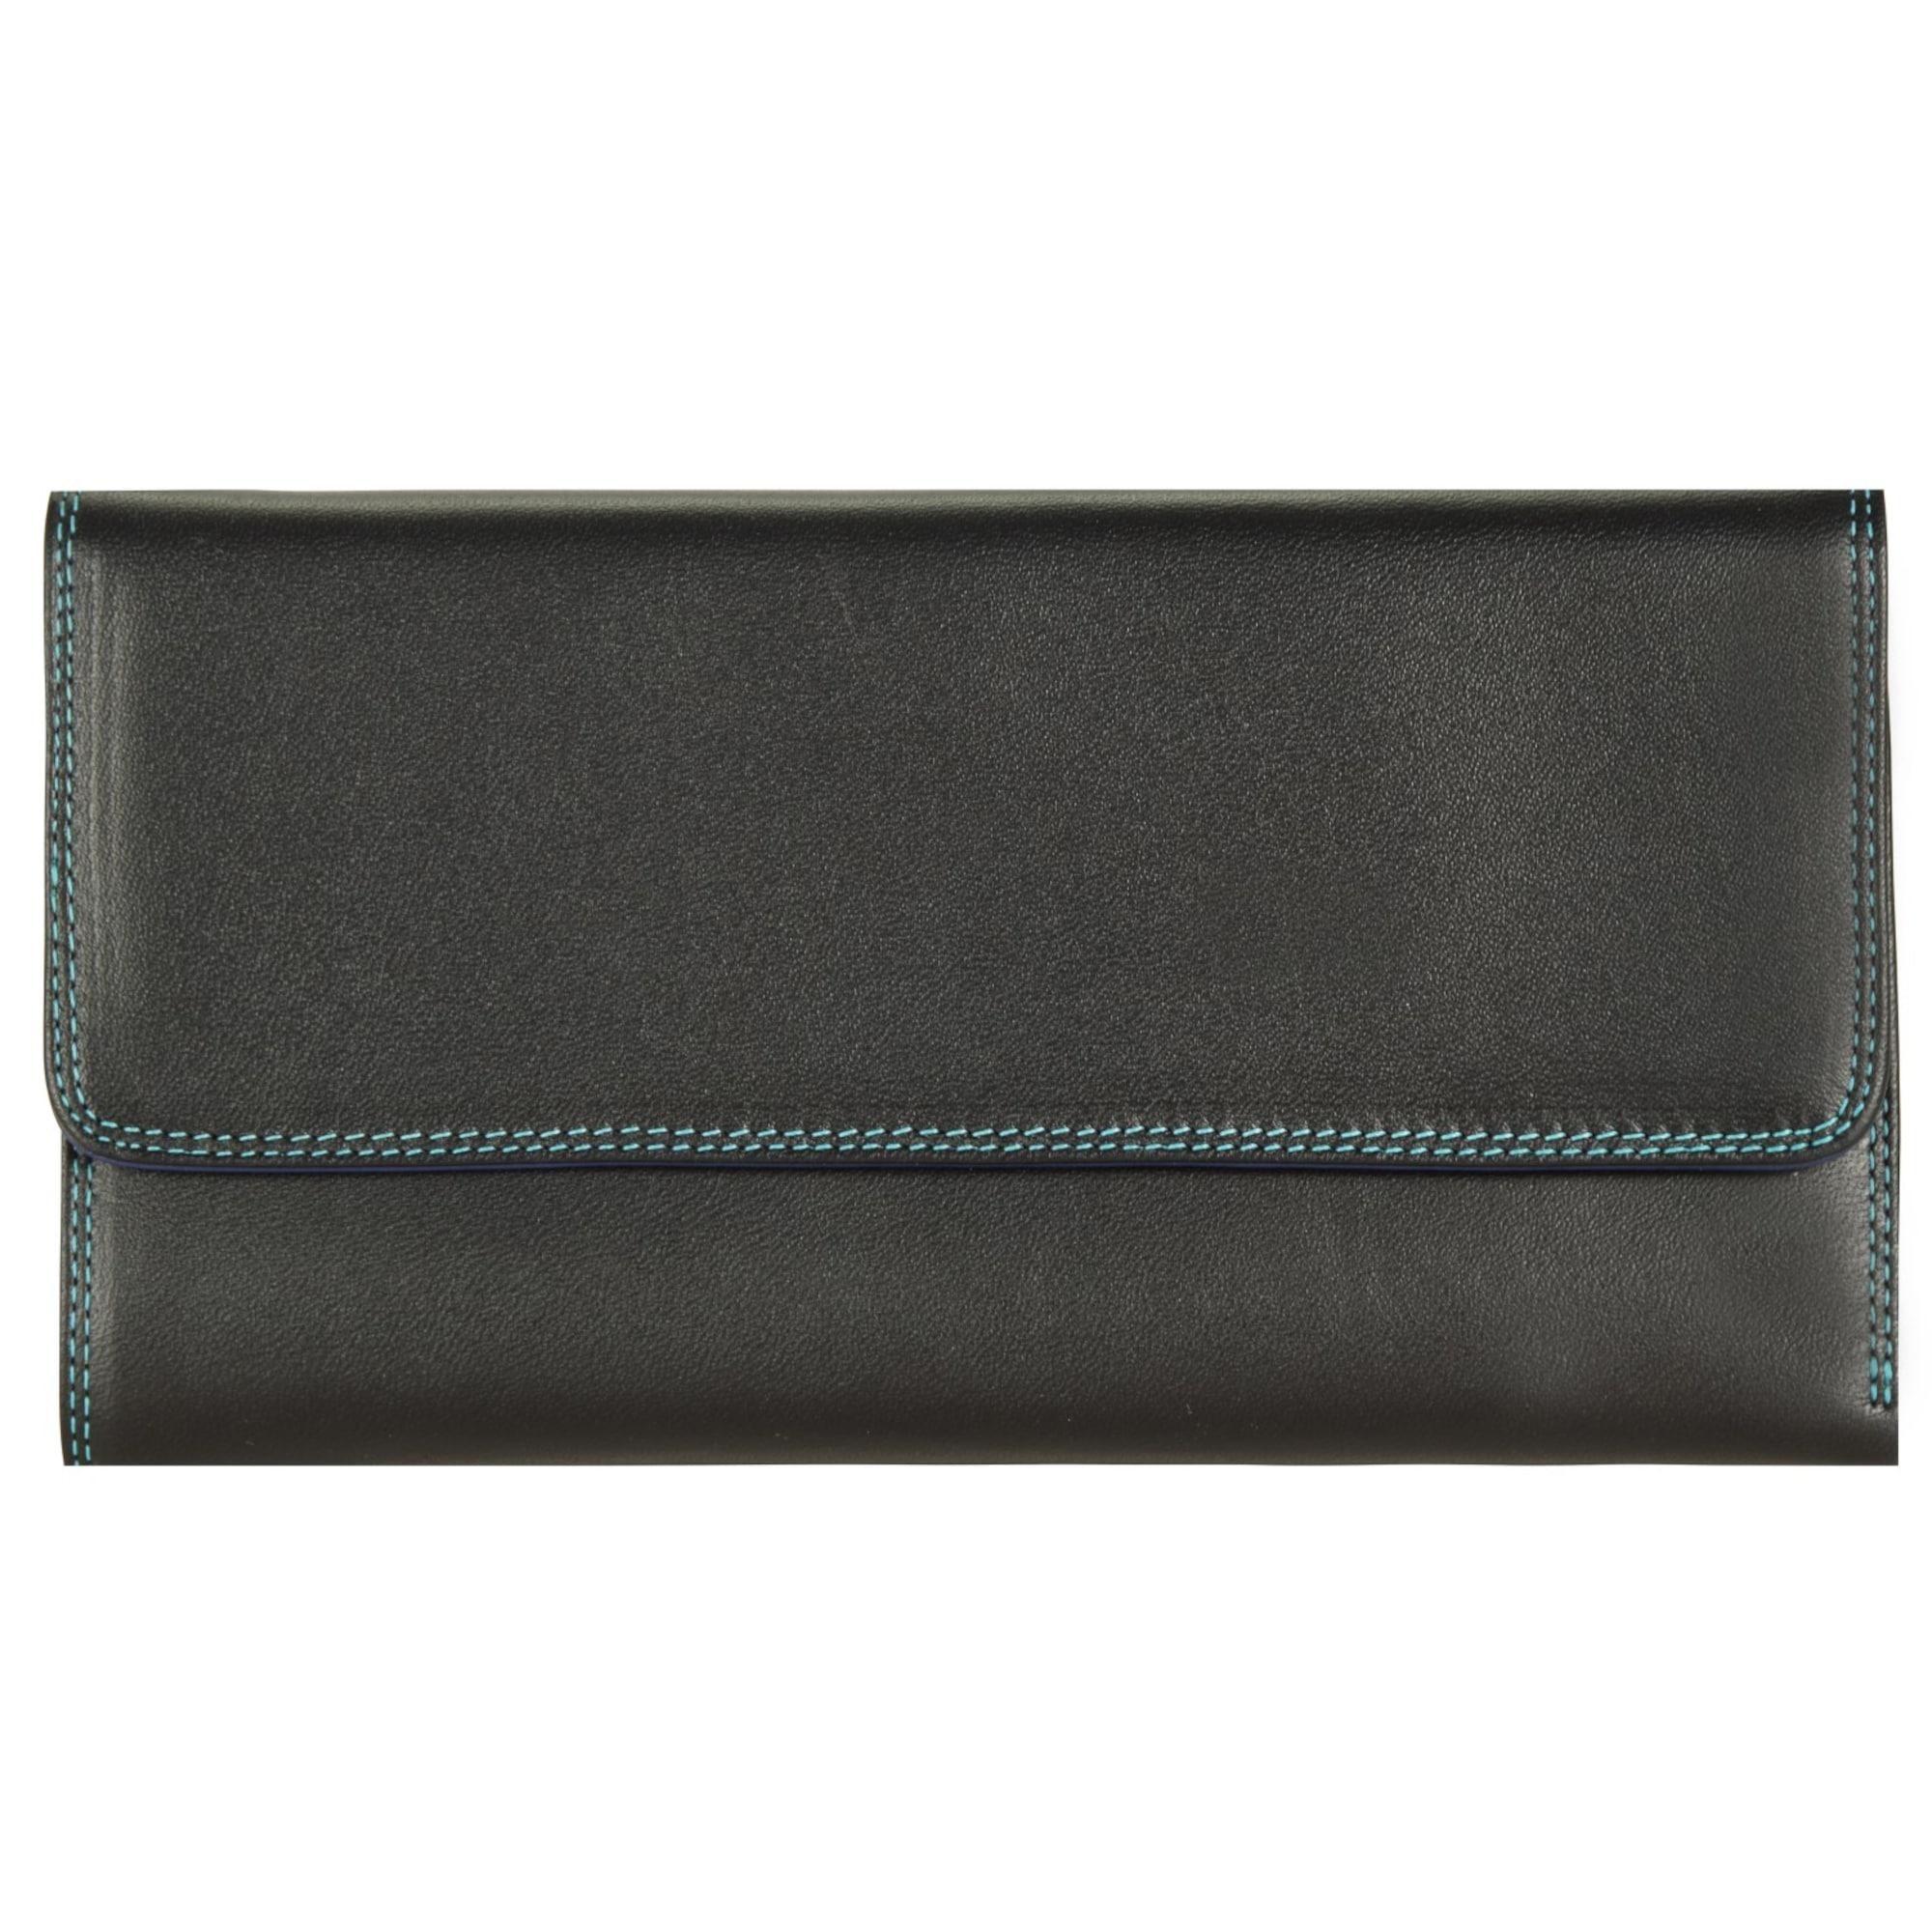 Geldbörse | Accessoires > Portemonnaies > Geldbörsen | Mywalit